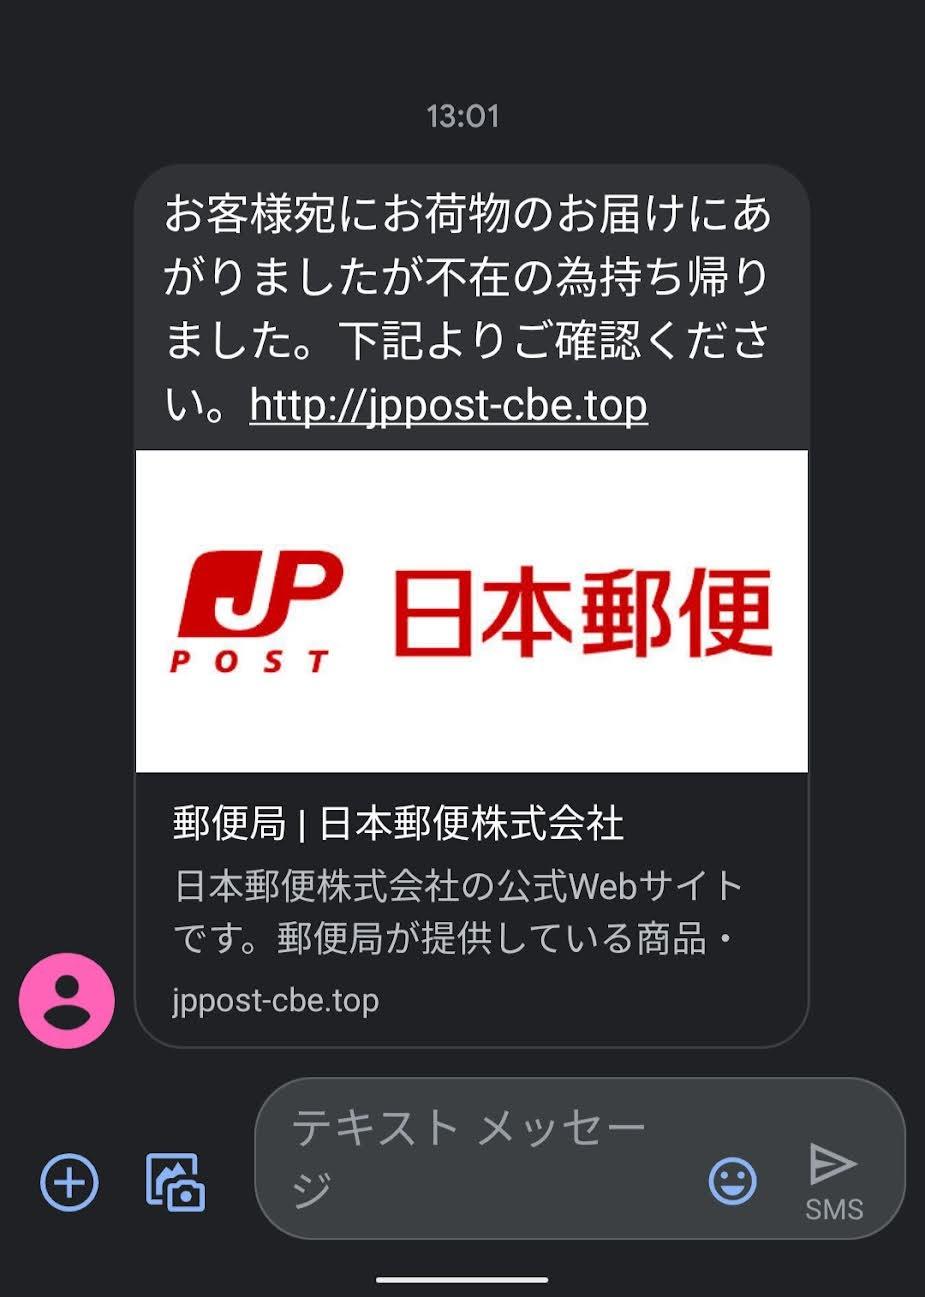 日本郵便を装った迷惑メールおよび架空のWebサイト